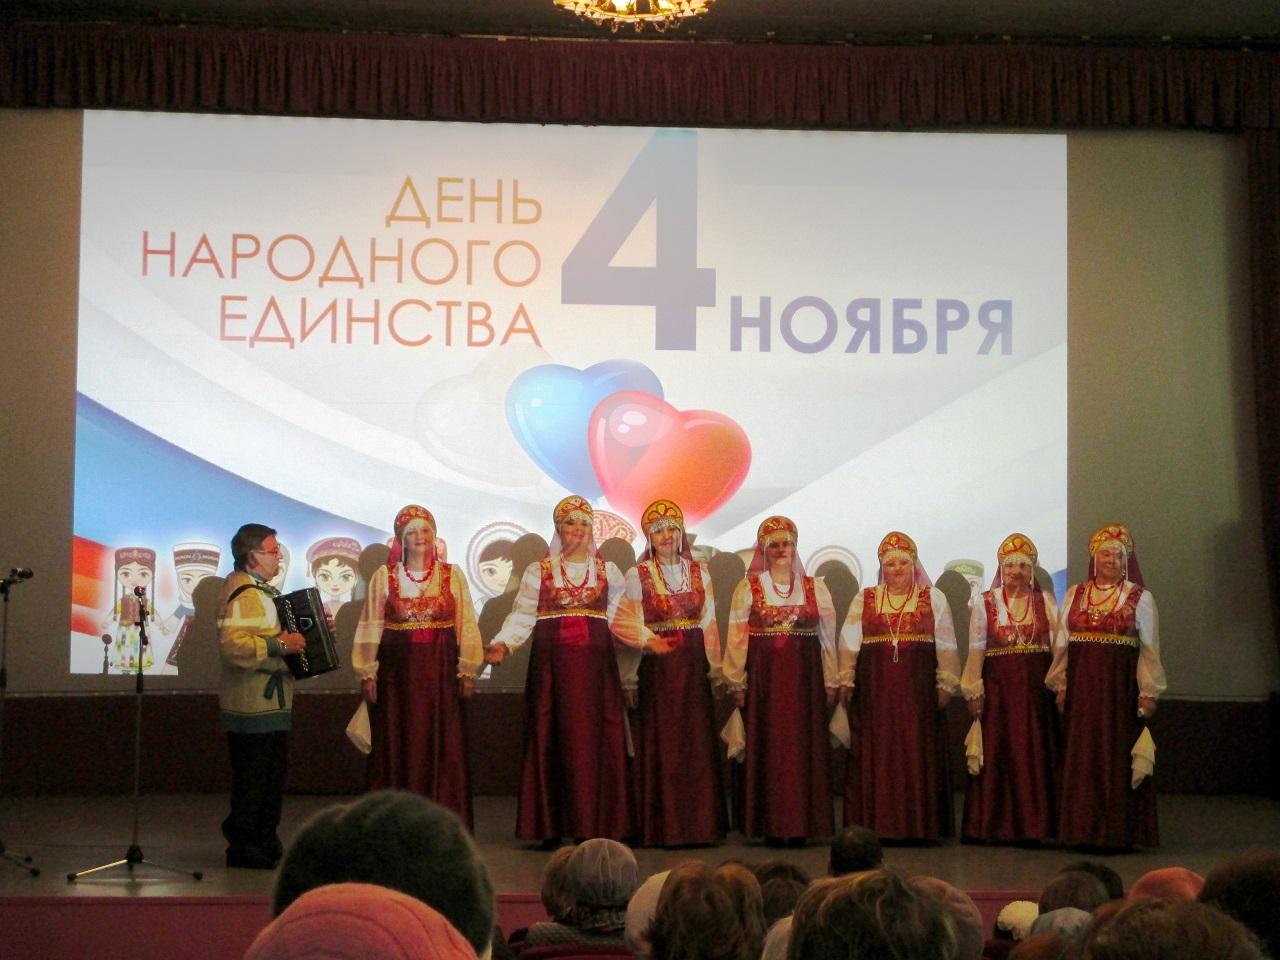 4 ноября в Центре культуры и кино «Родина» состоялась концертно-развлекательная программа «Духом единым народы сильны», посвящённая Дню народного единства.